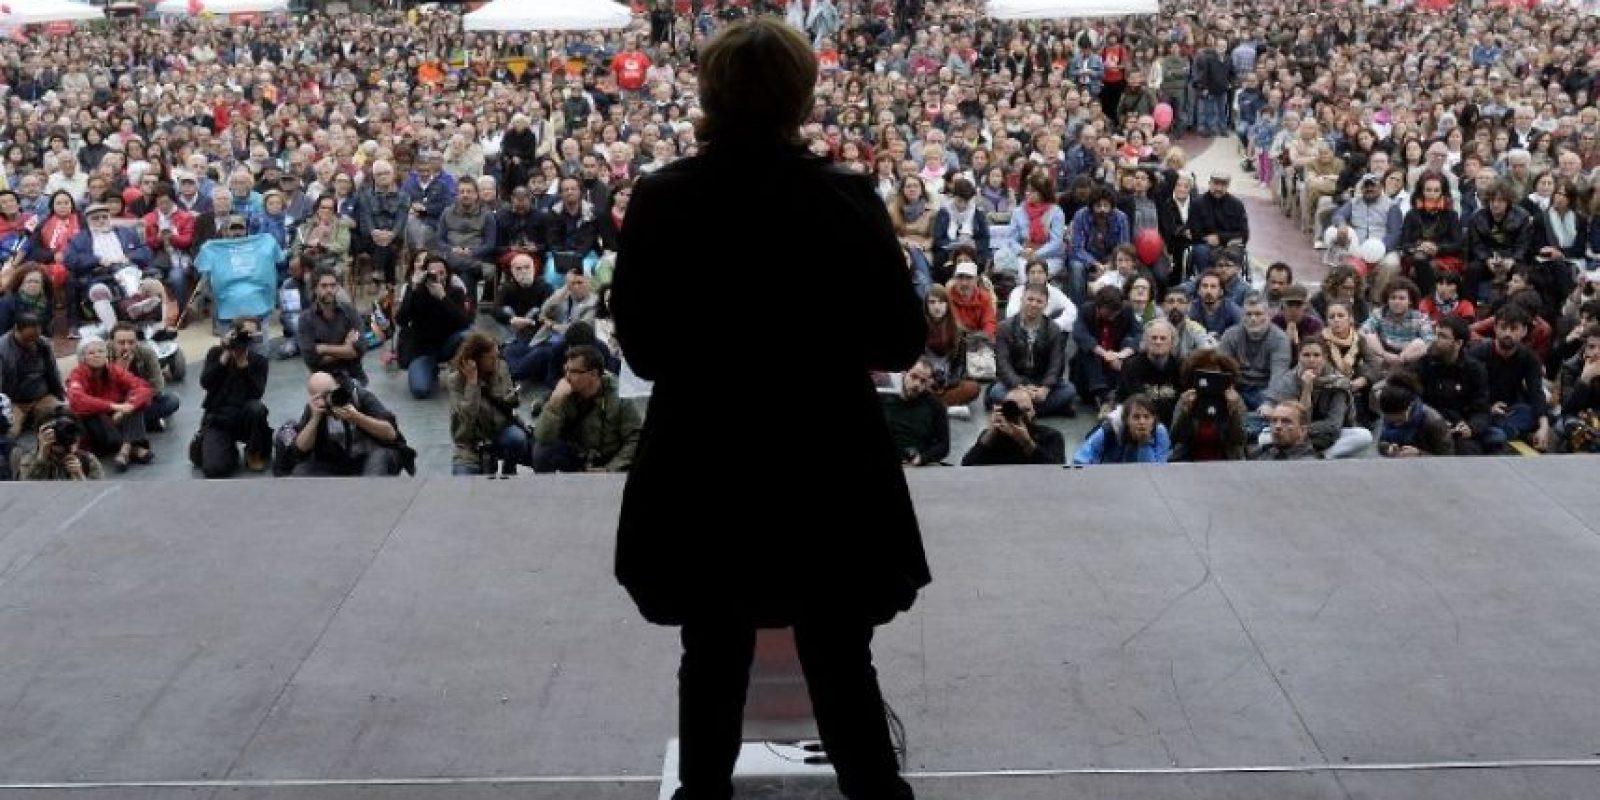 De acuerdo a las redes sociales, el PP es el partido con mayor protagonismo: concentra el 41% de las conversaciones relacionadas con la política, seguido de Podemos (20%) y Ciudadanos (17%). Foto:AFP